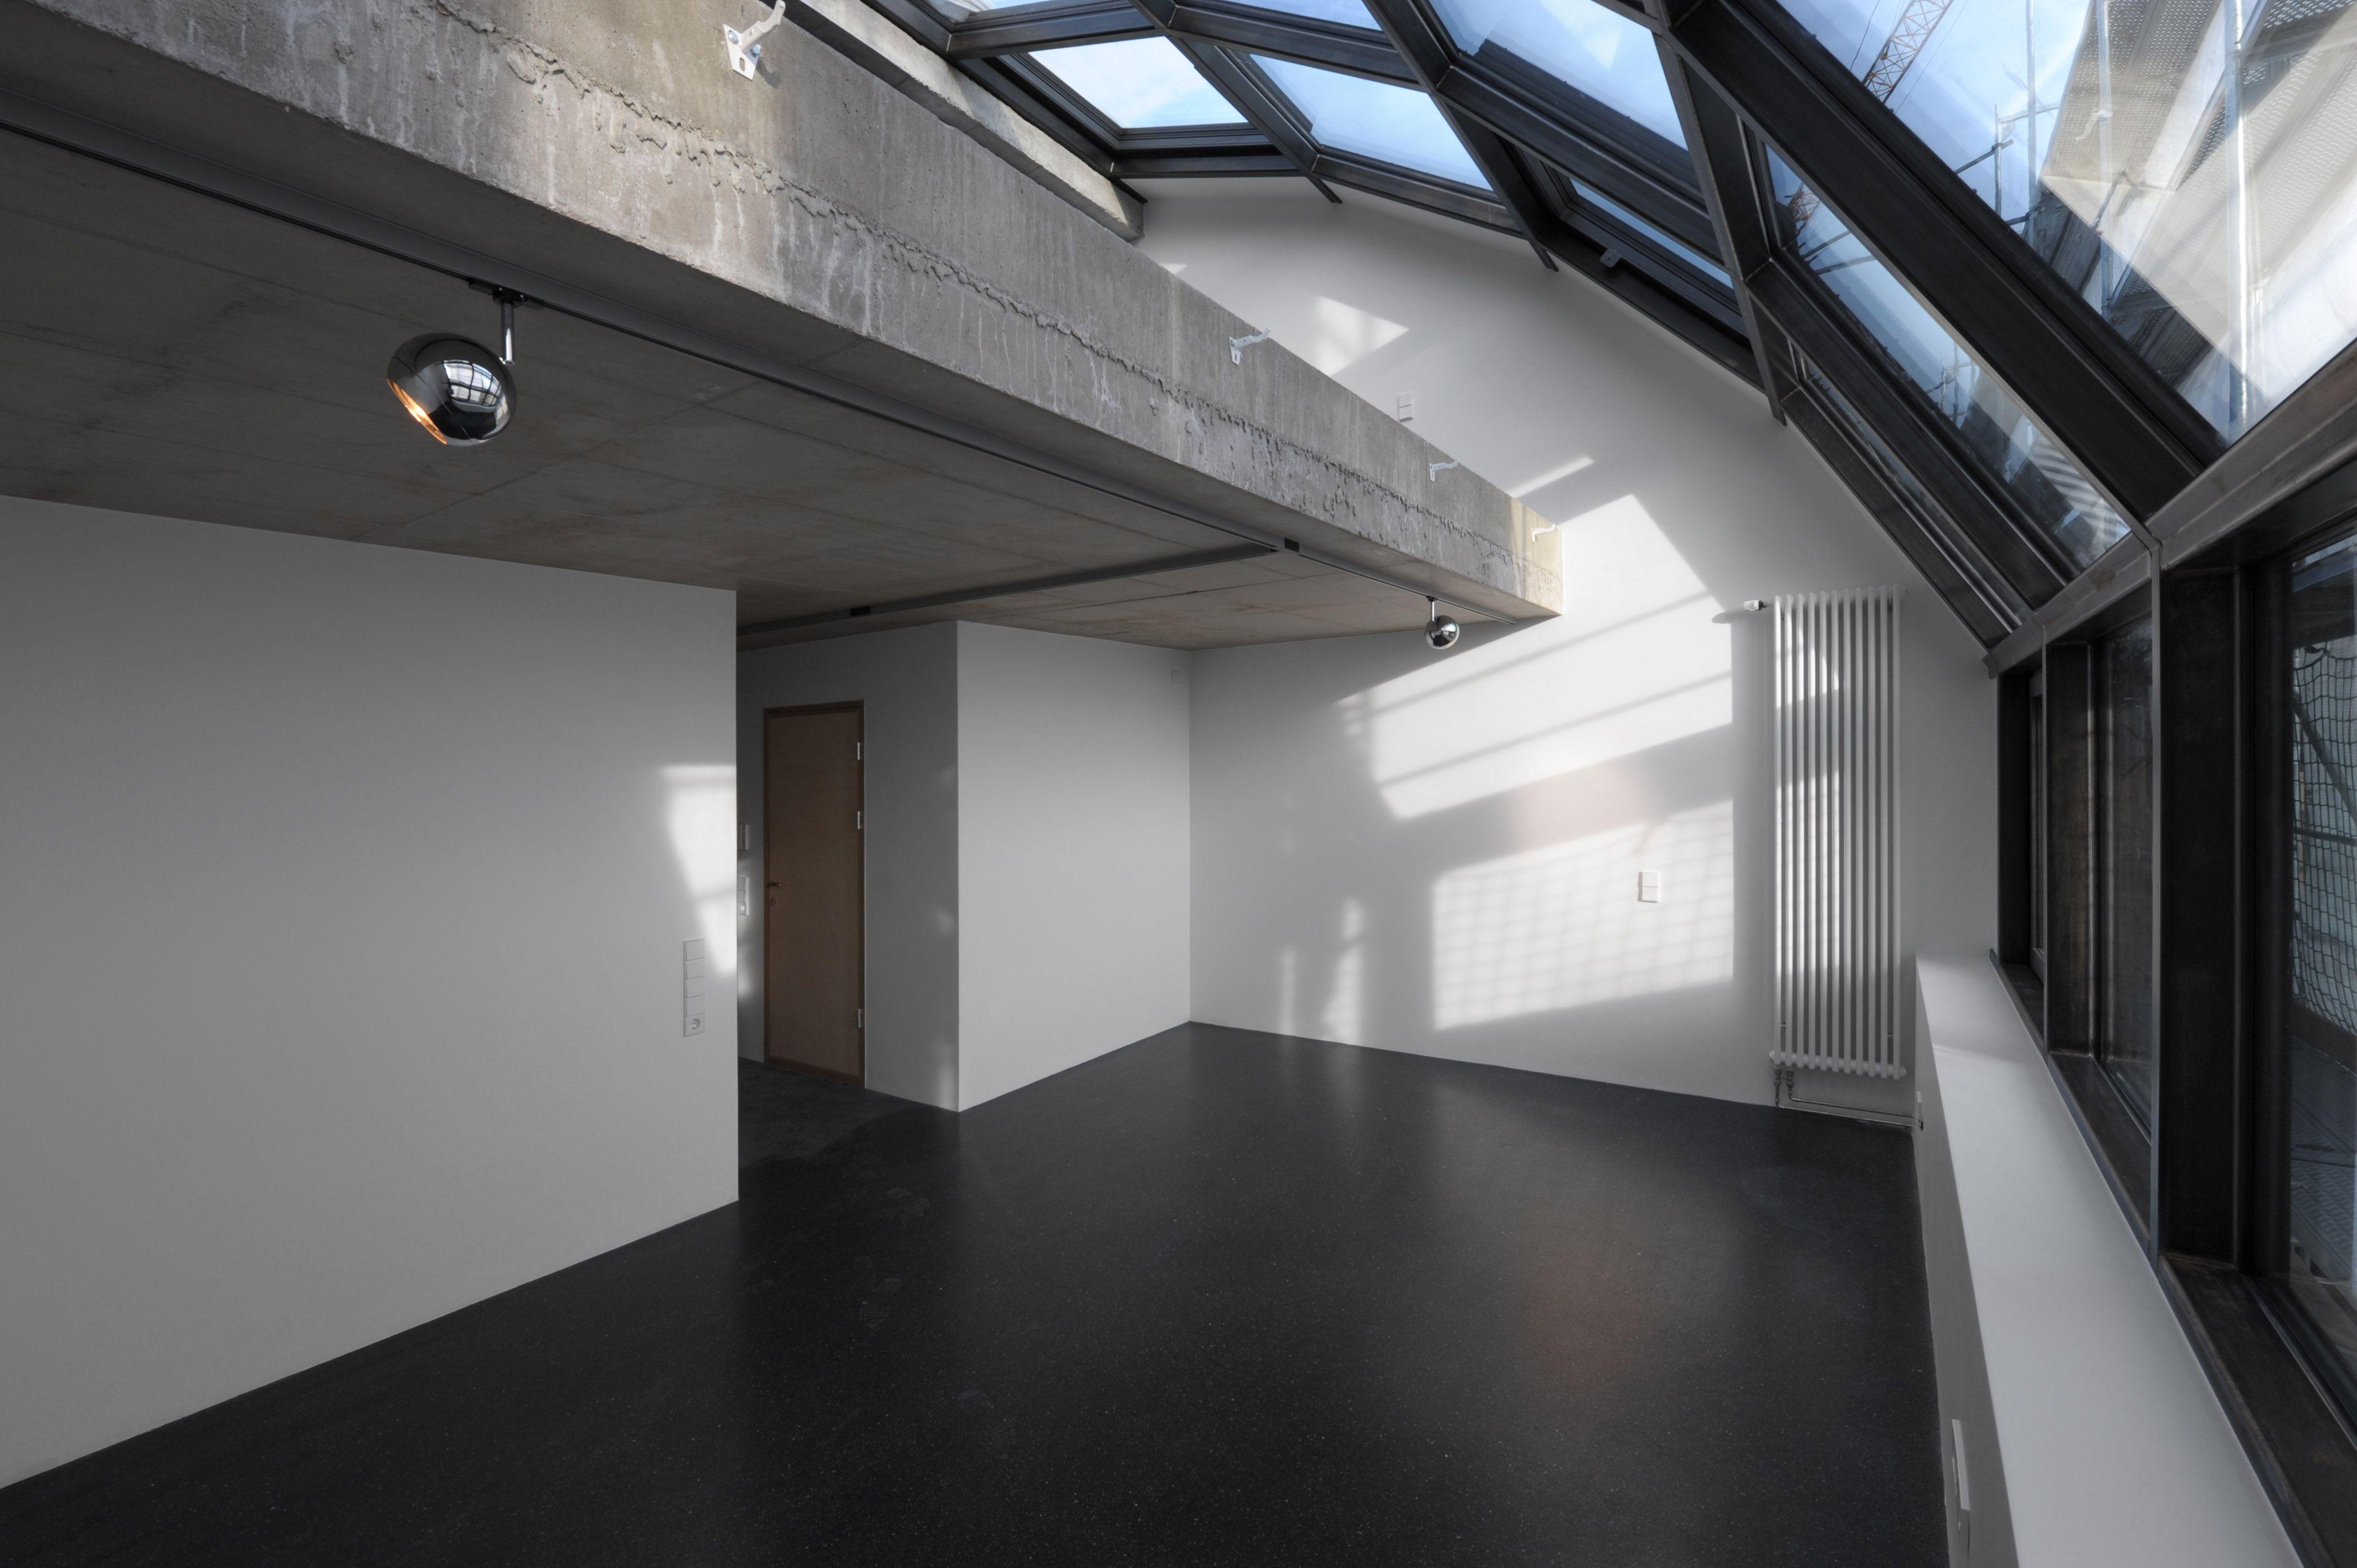 BUCHEN & KOOB findet Ihre Traumimmobilie in Hamburg Villa das Stadthaus oder perfekte Eigentumswohnung Kontaktieren Sie uns gerne